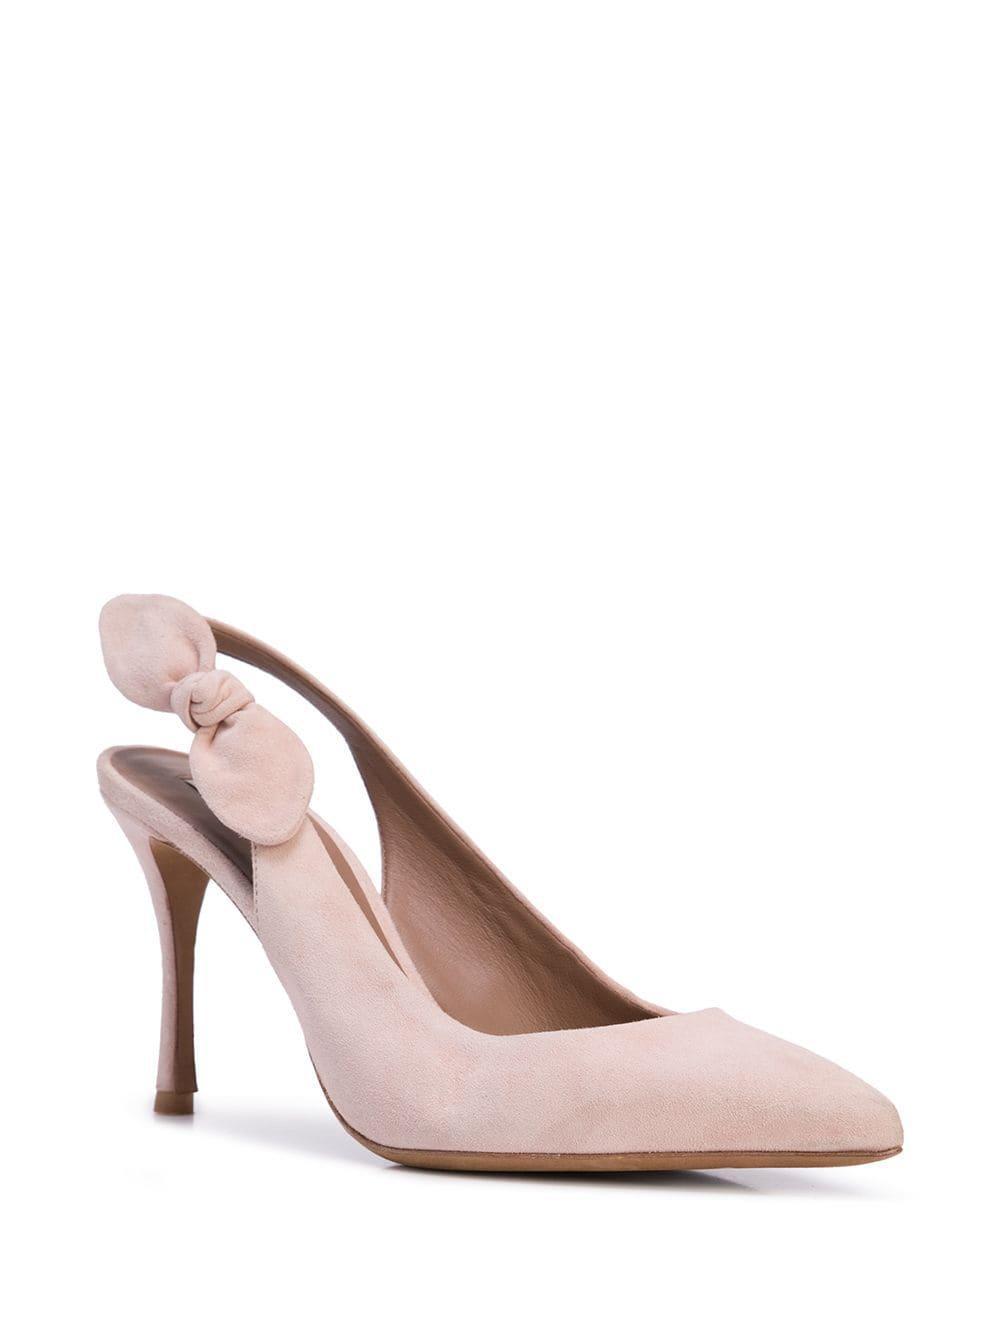 Zapatos de tacón Millio con tira trasera Tabitha Simmons de Ante de color Rosa